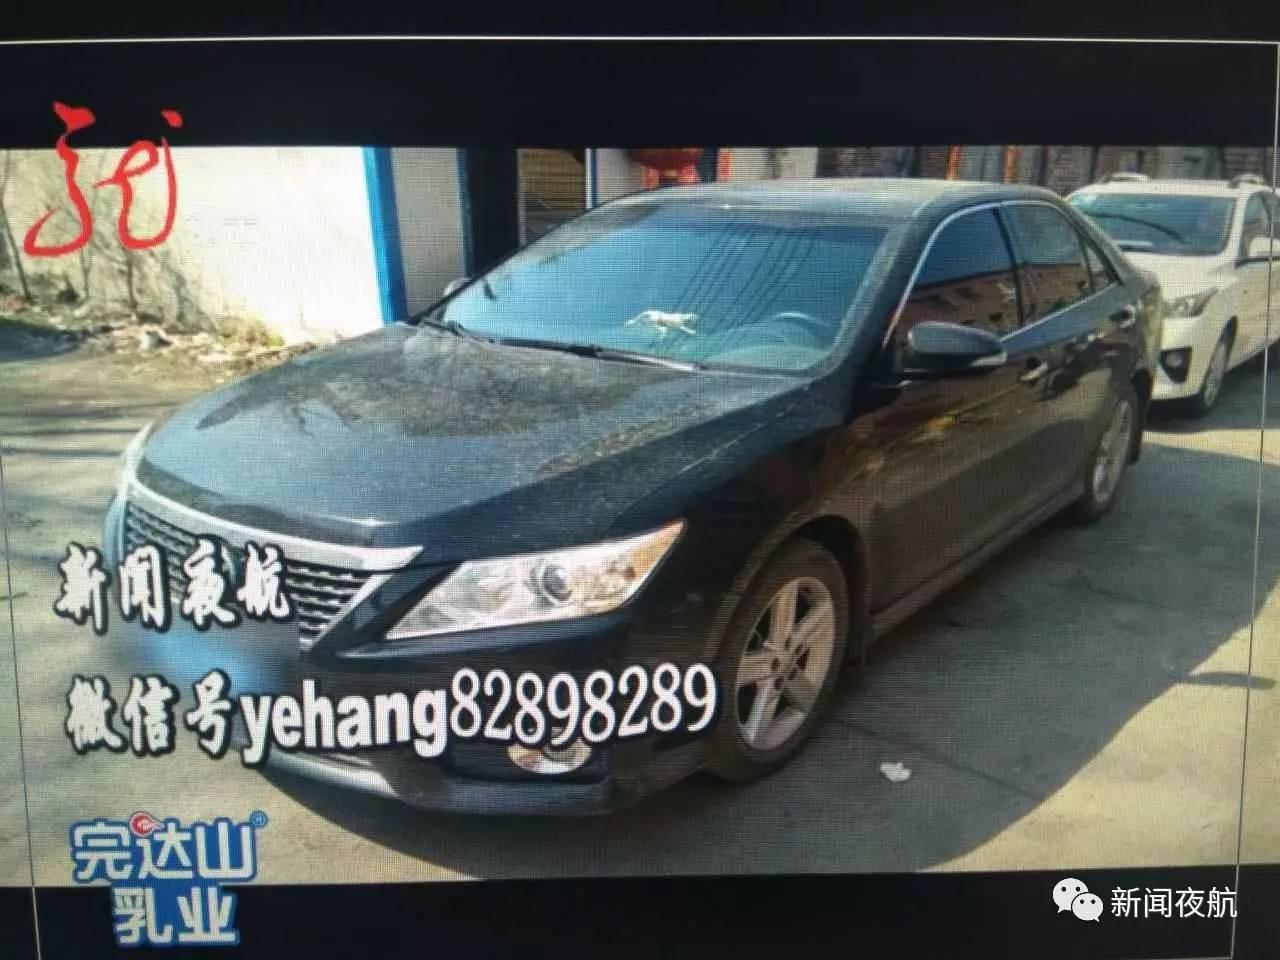 一辆是丰田凯美瑞,一辆是丰田致炫,哈尔滨这两辆车的车钥匙竟能高清图片